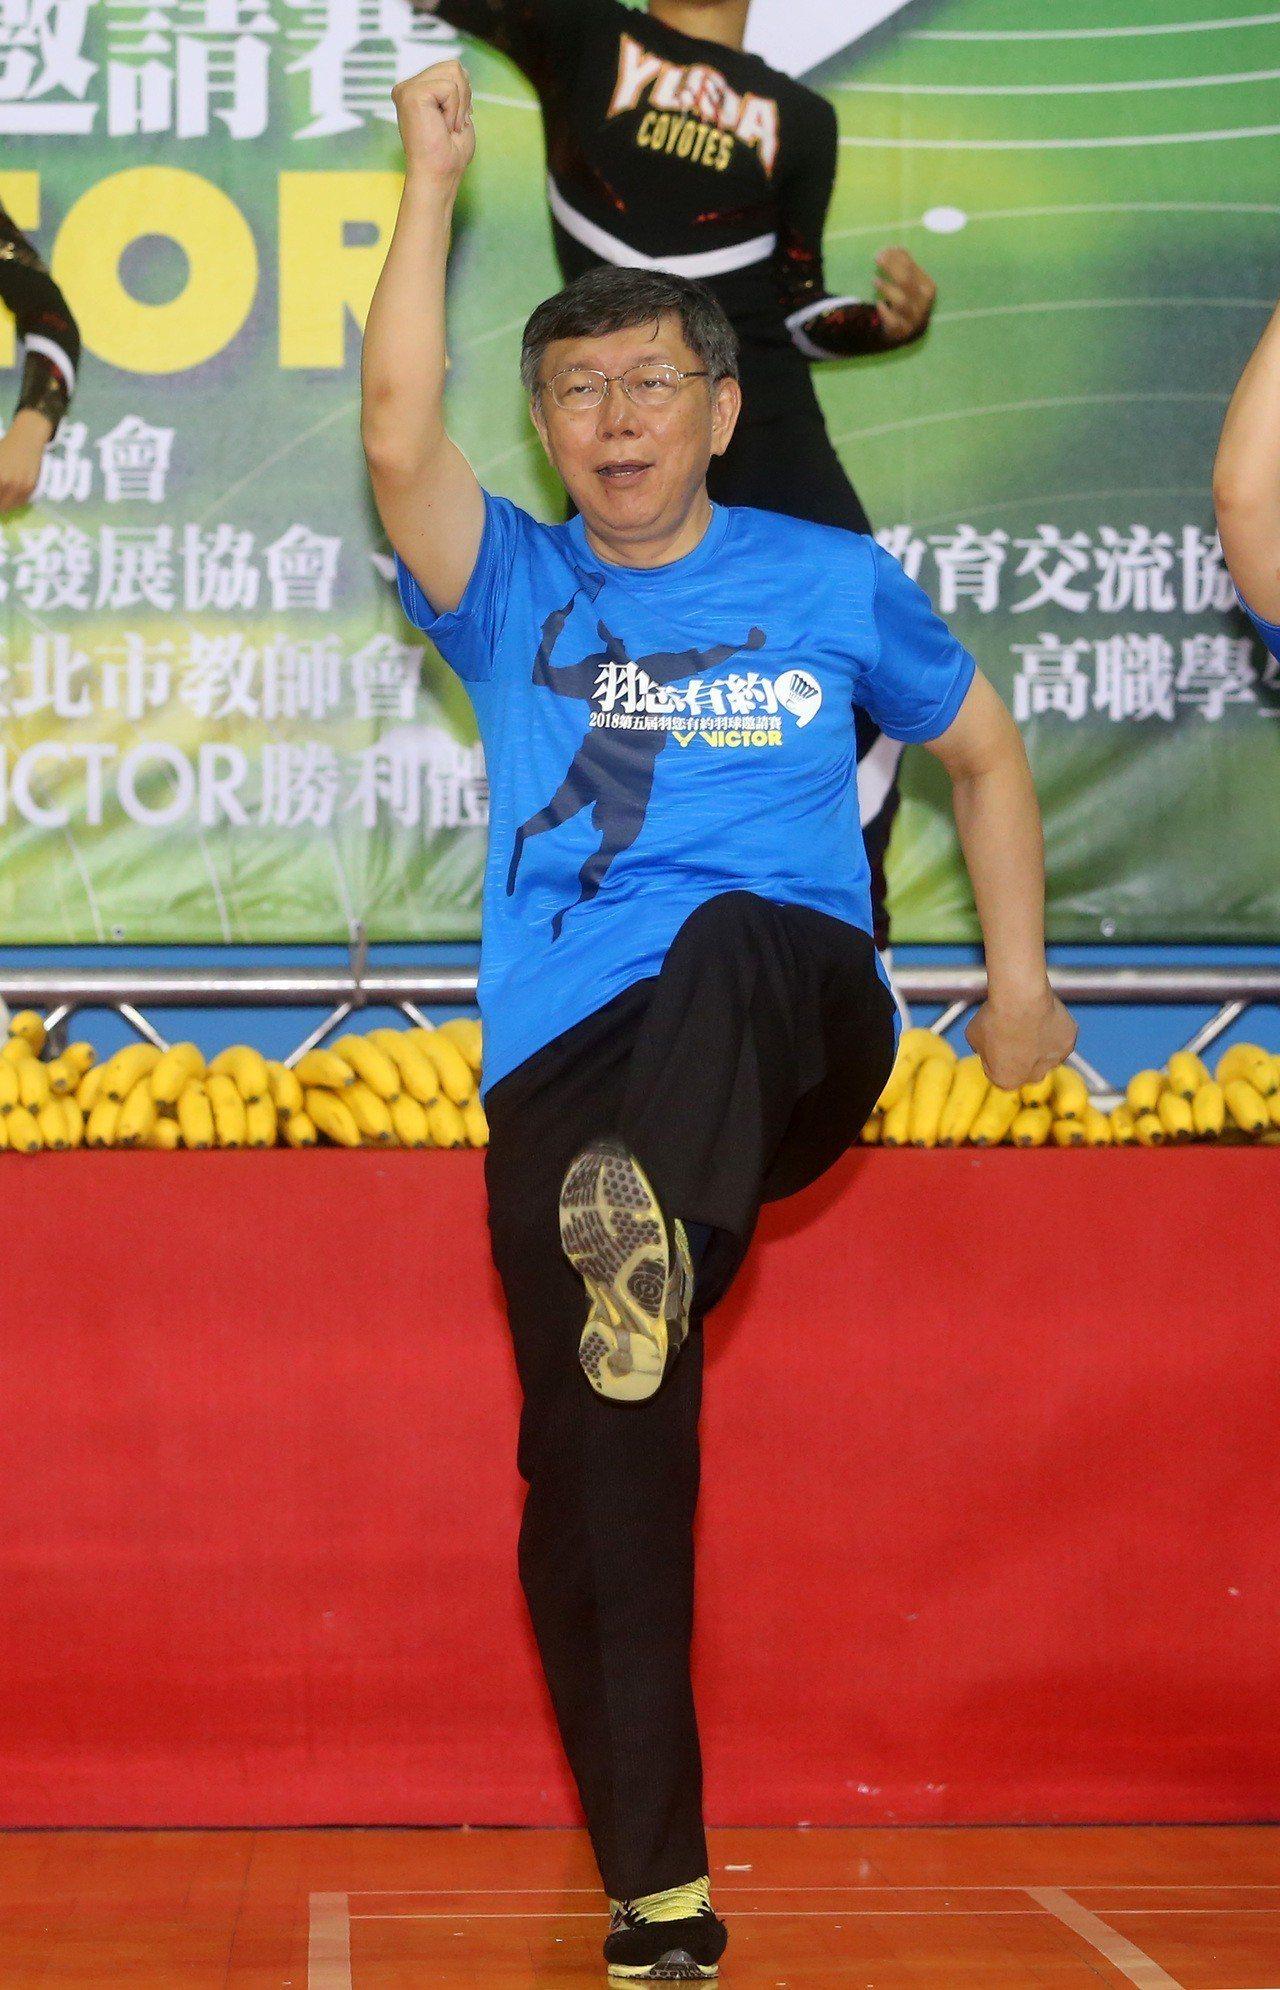 台北市長柯文哲出席「羽您有約」活動,大跳海草舞。圖/聯合報系資料照片